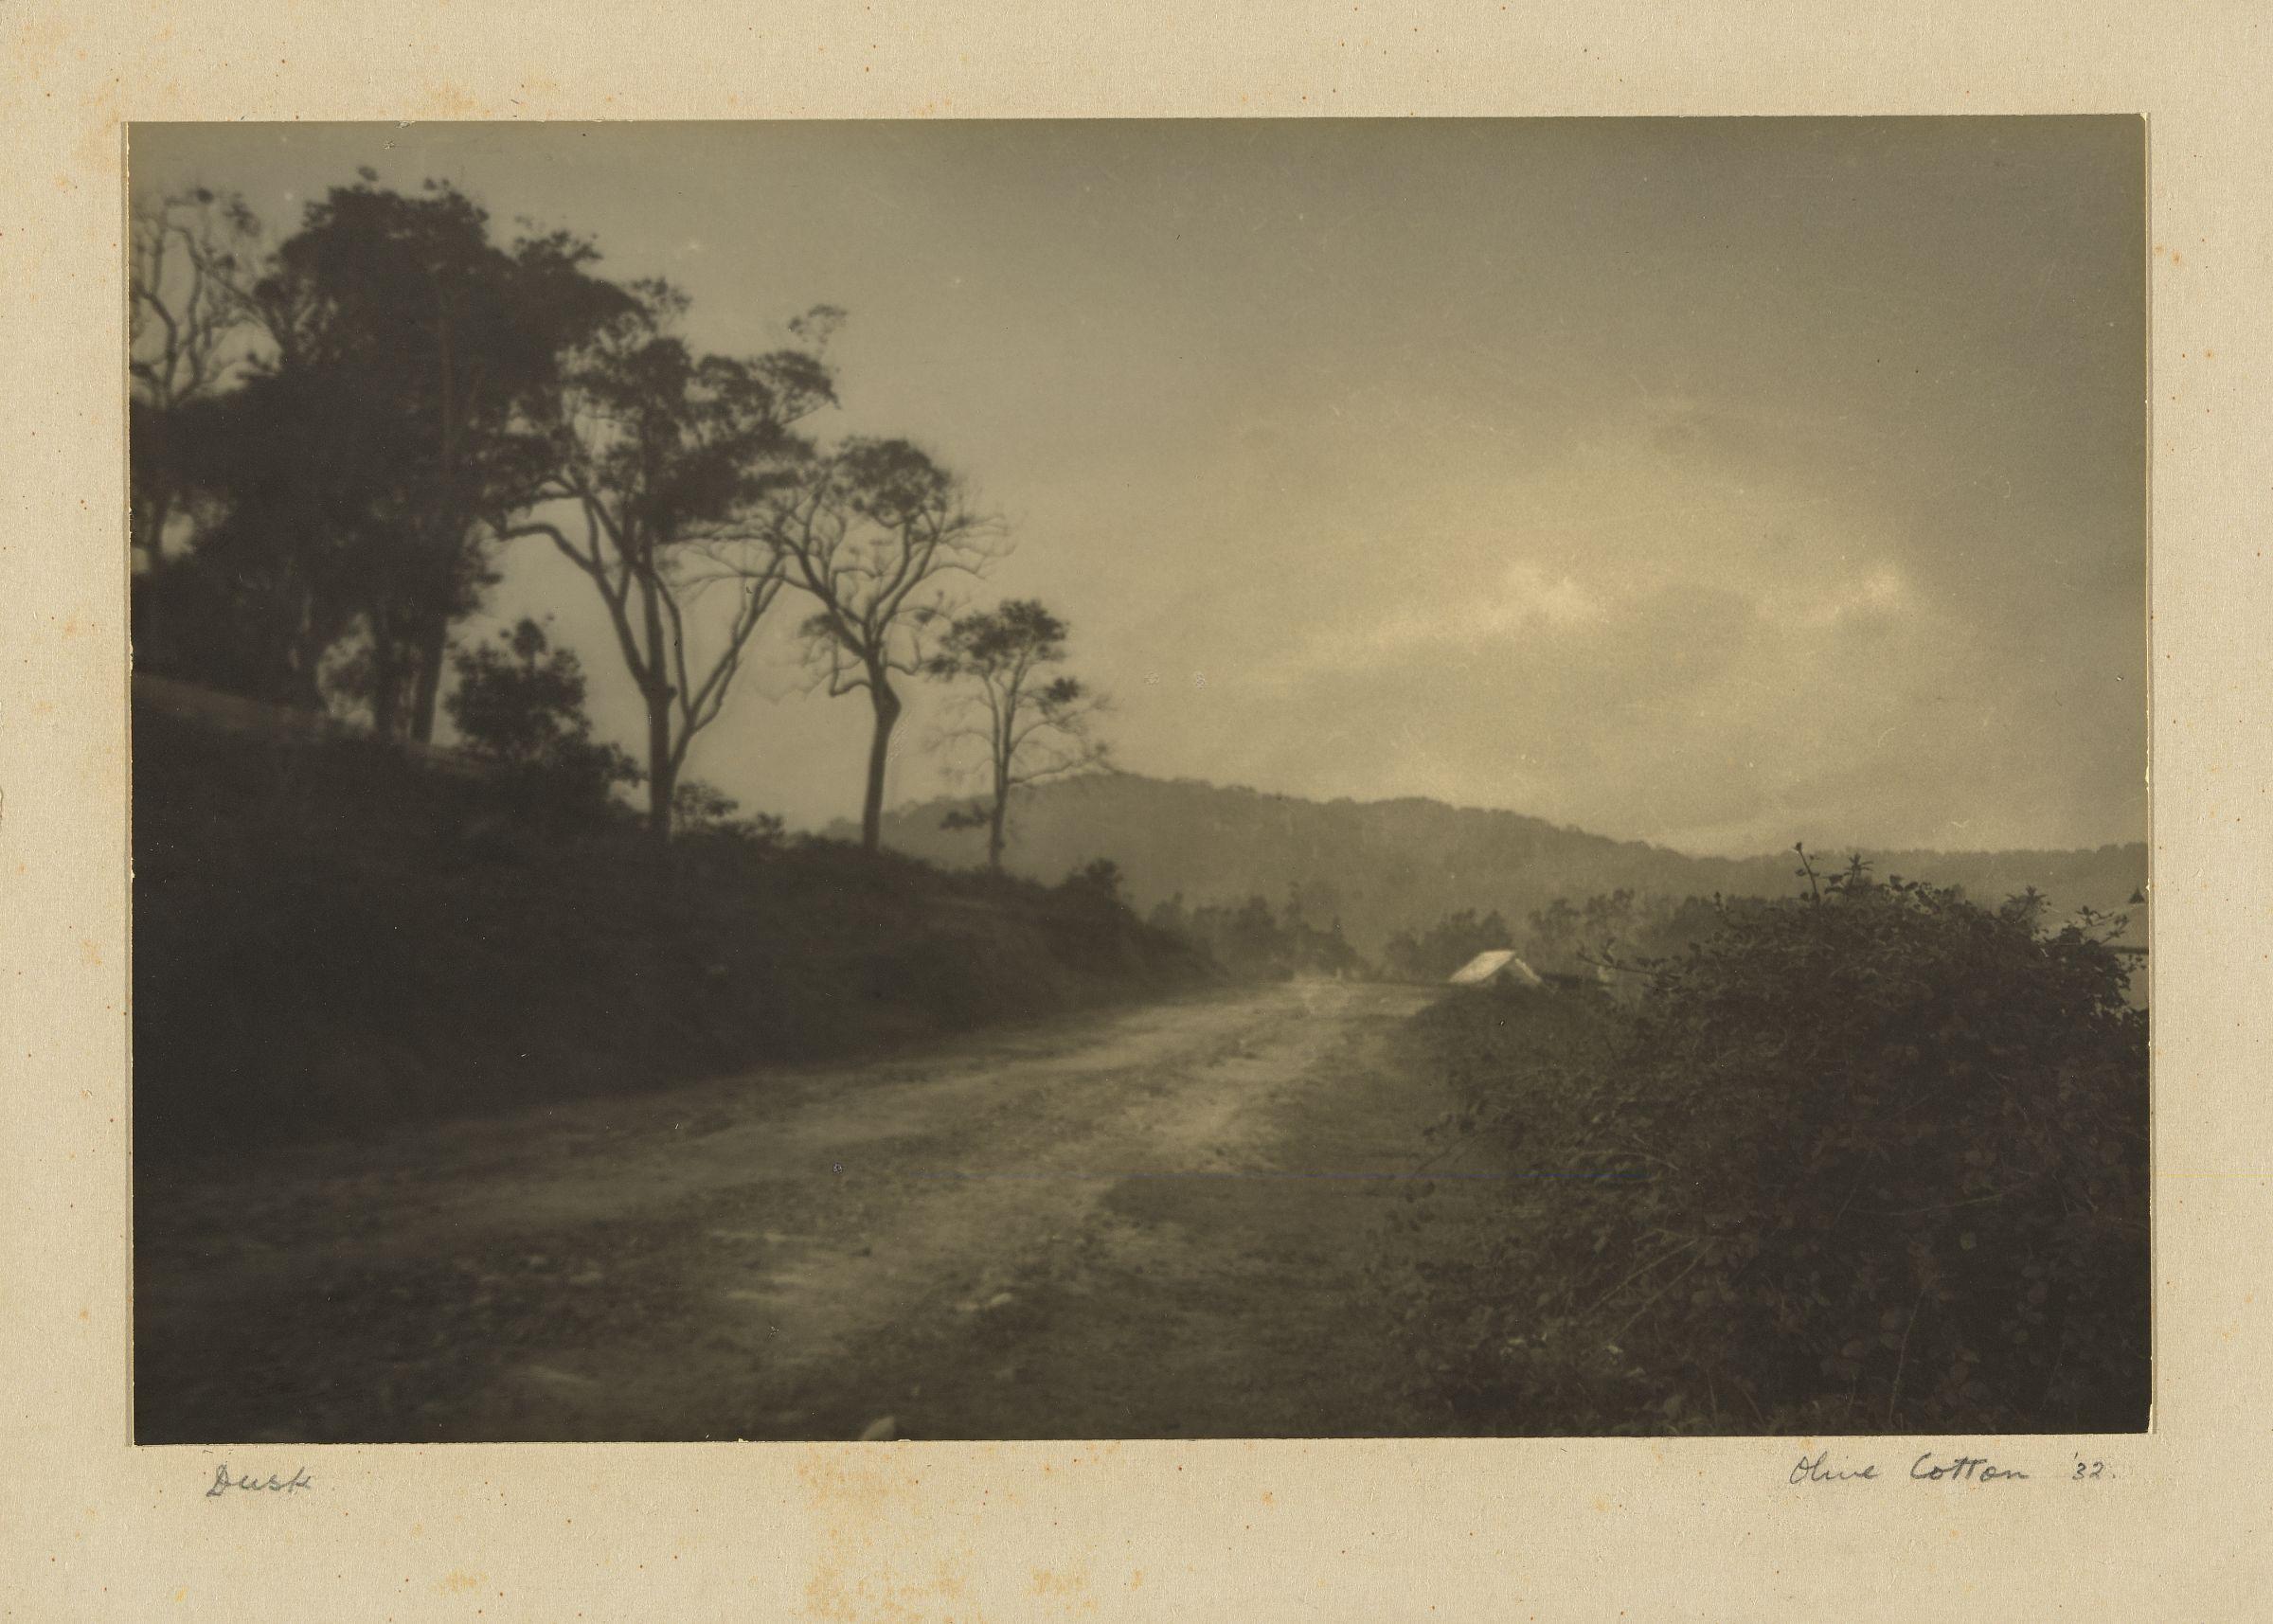 Dusk 1932